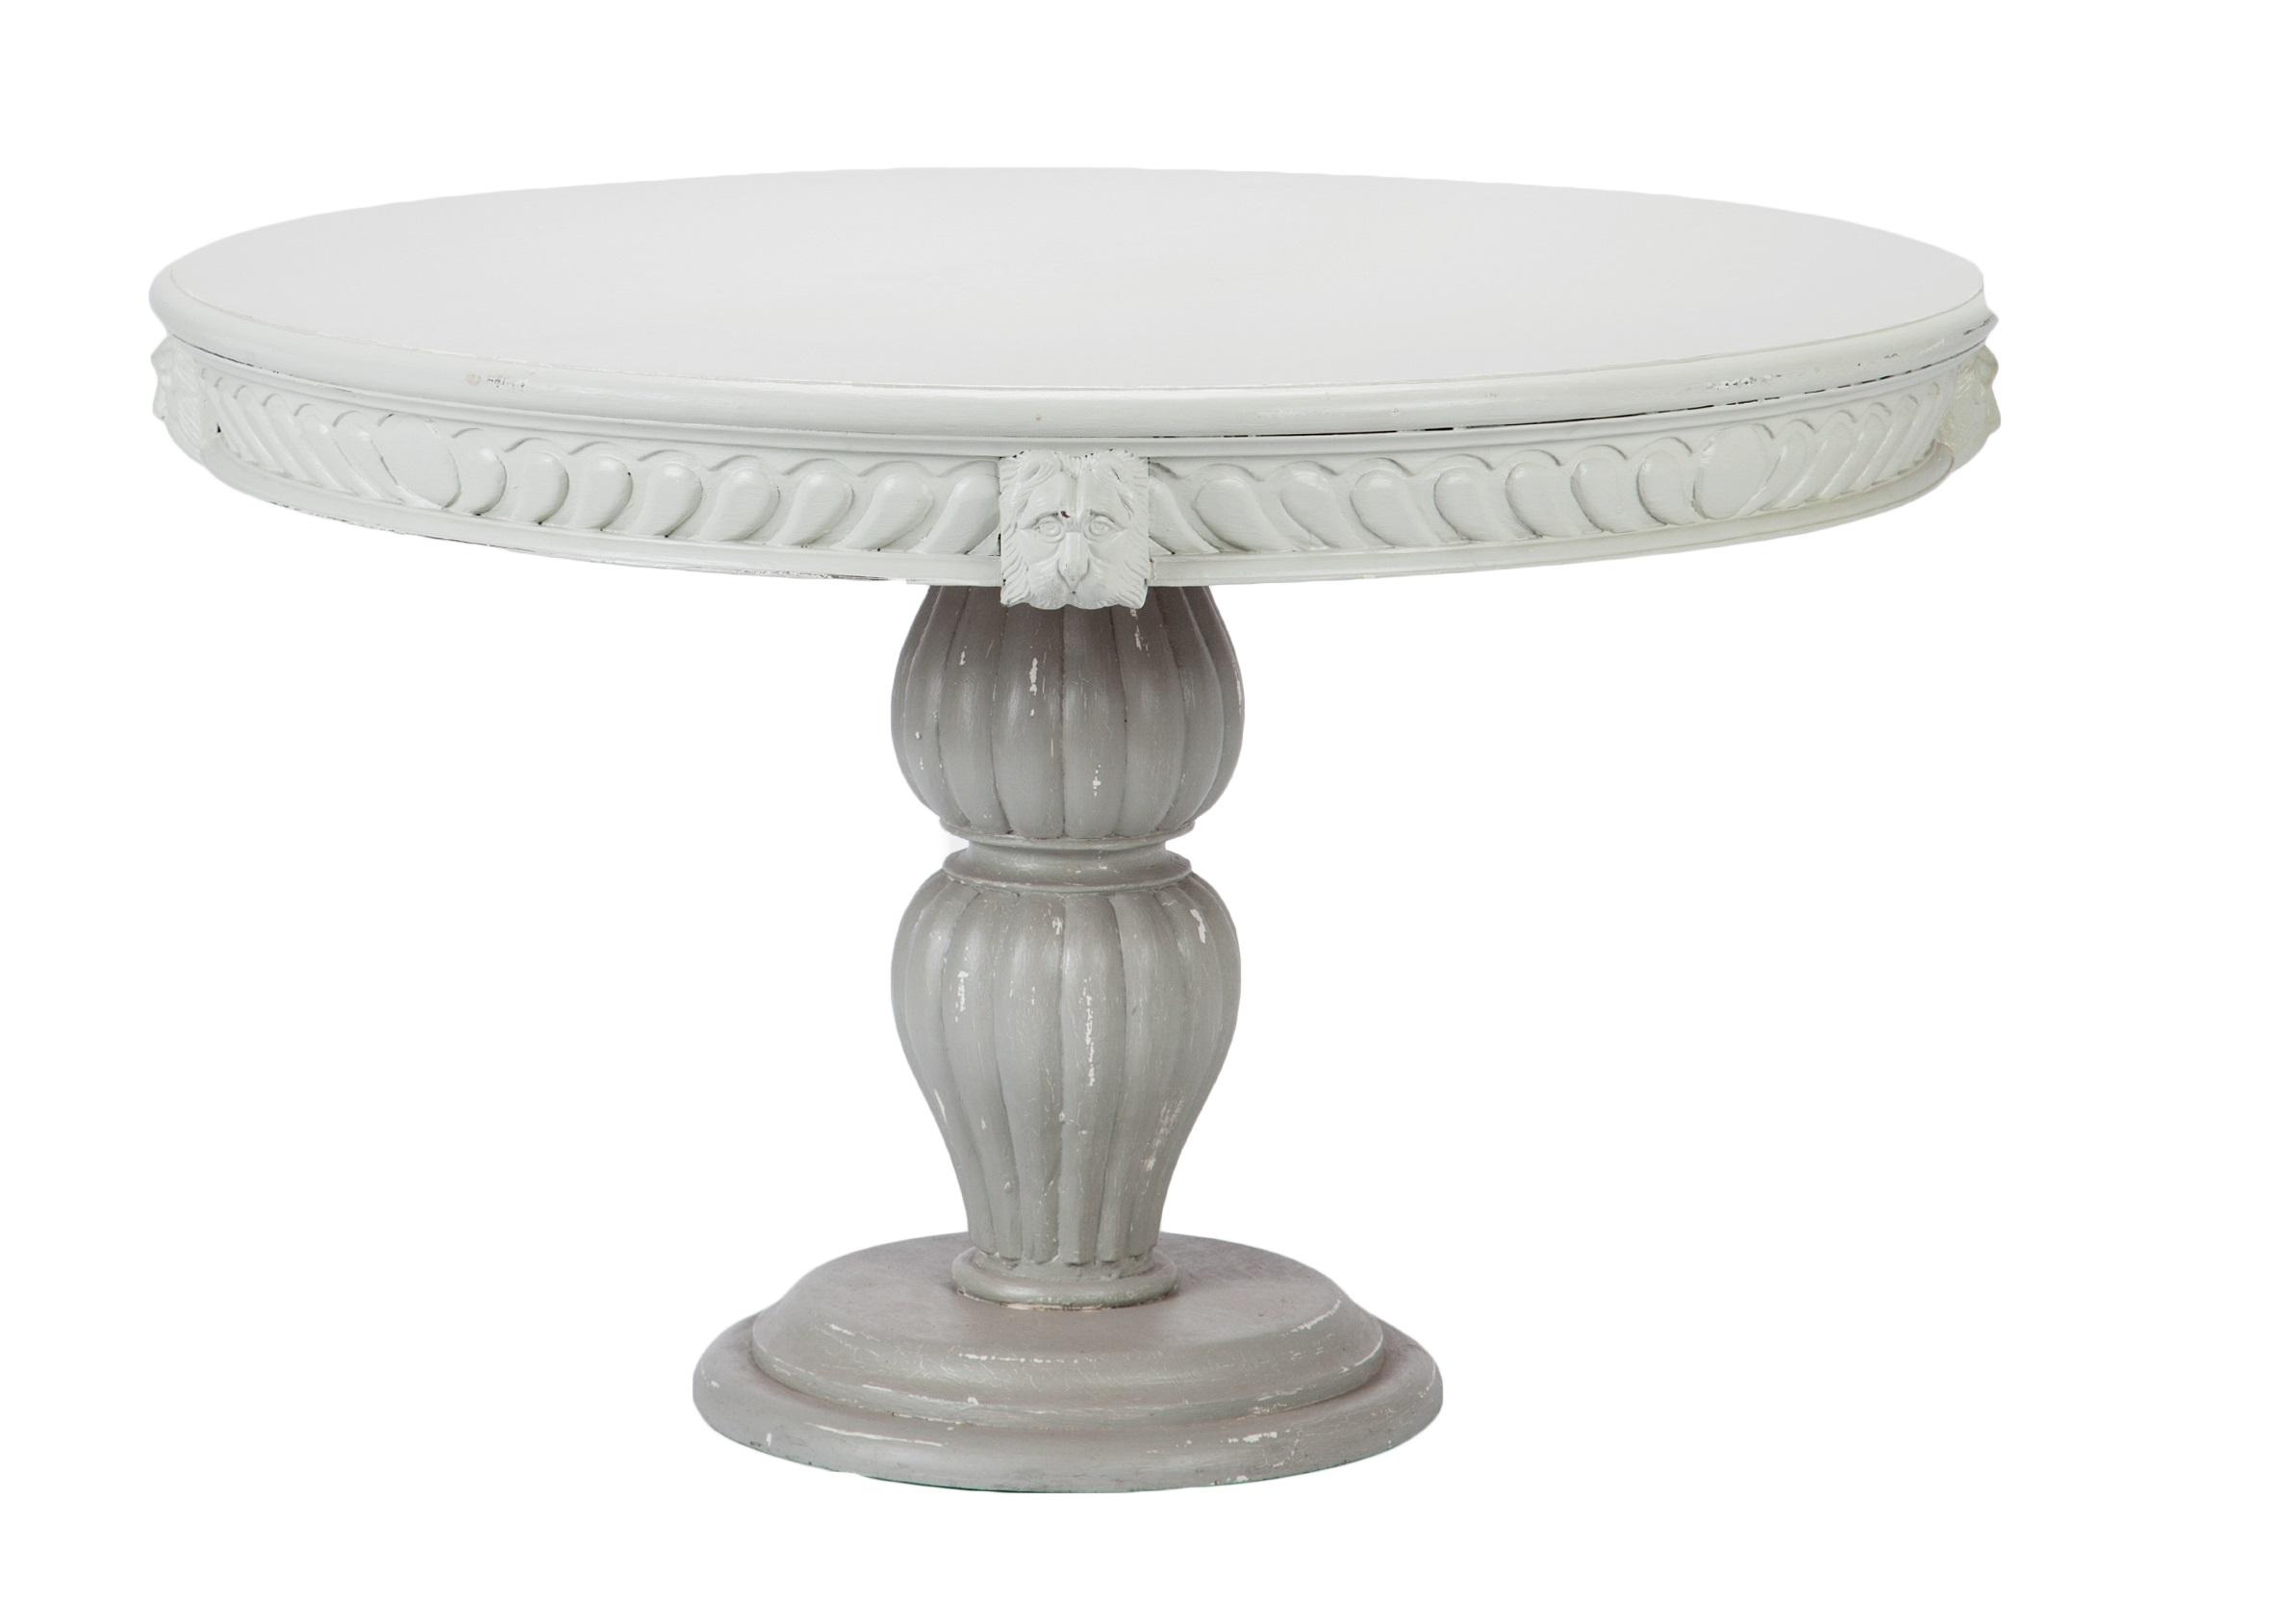 Стол обеденный ГотикаОбеденные столы<br>Стол обеденный круглый в готическом стиле, украшен резьбой и львиными головами, декорирован старением.<br><br>Material: Красное дерево<br>Высота см: 76